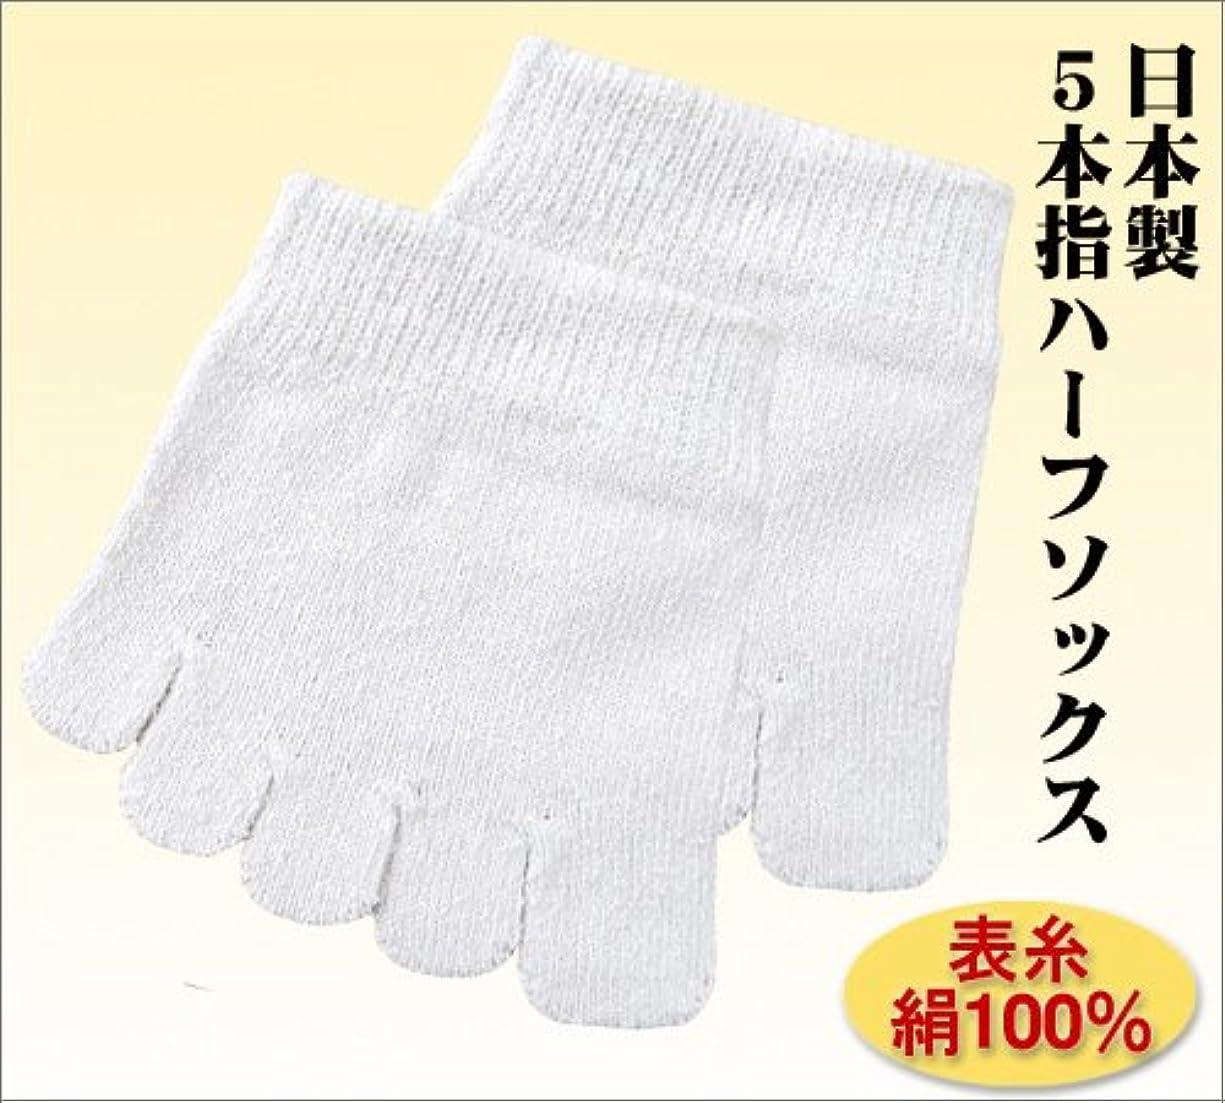 ヨーグルトほのかわずかに日本製 天然シルク5本指ハーフソックス 表糸絹100% 快適な指先ソックス 2足組 (紳士(オフ白2足組))